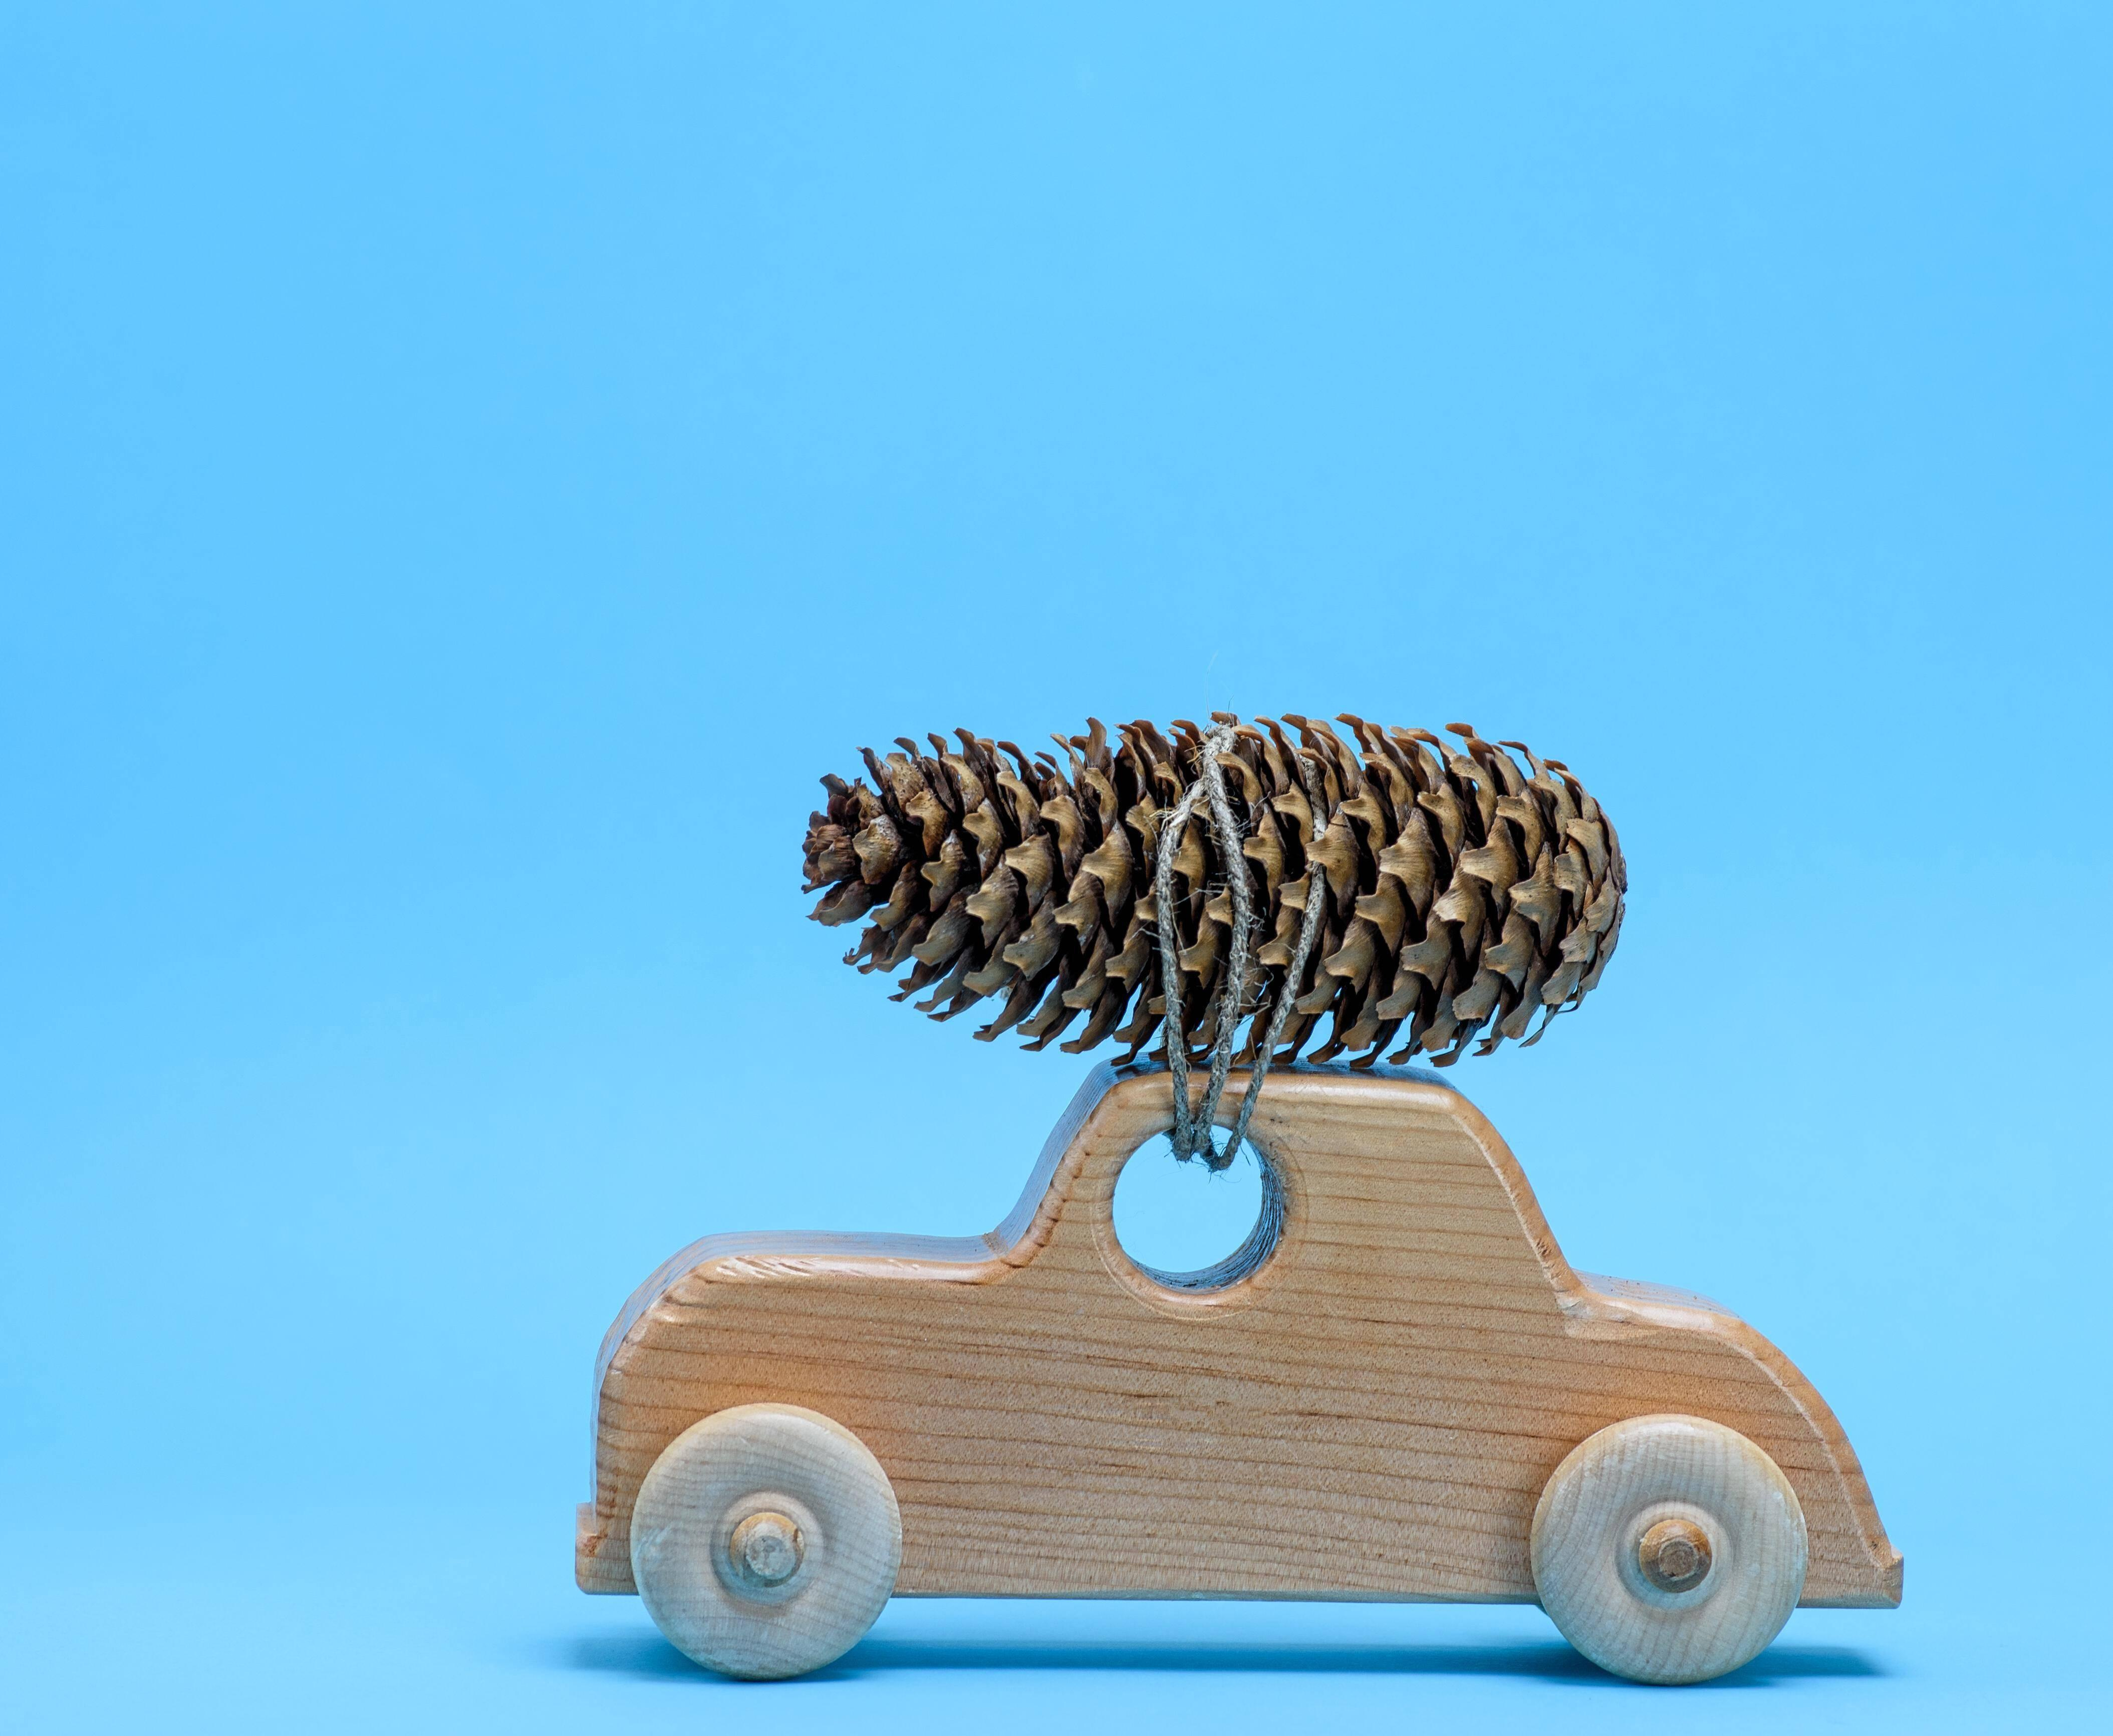 Bieten Sie Ihrem Kind verschiedene Materialien an, die zum Beispiel kühl, glatt oder rau sind. Das ist im Sinne der Montessori-Pädagogik.